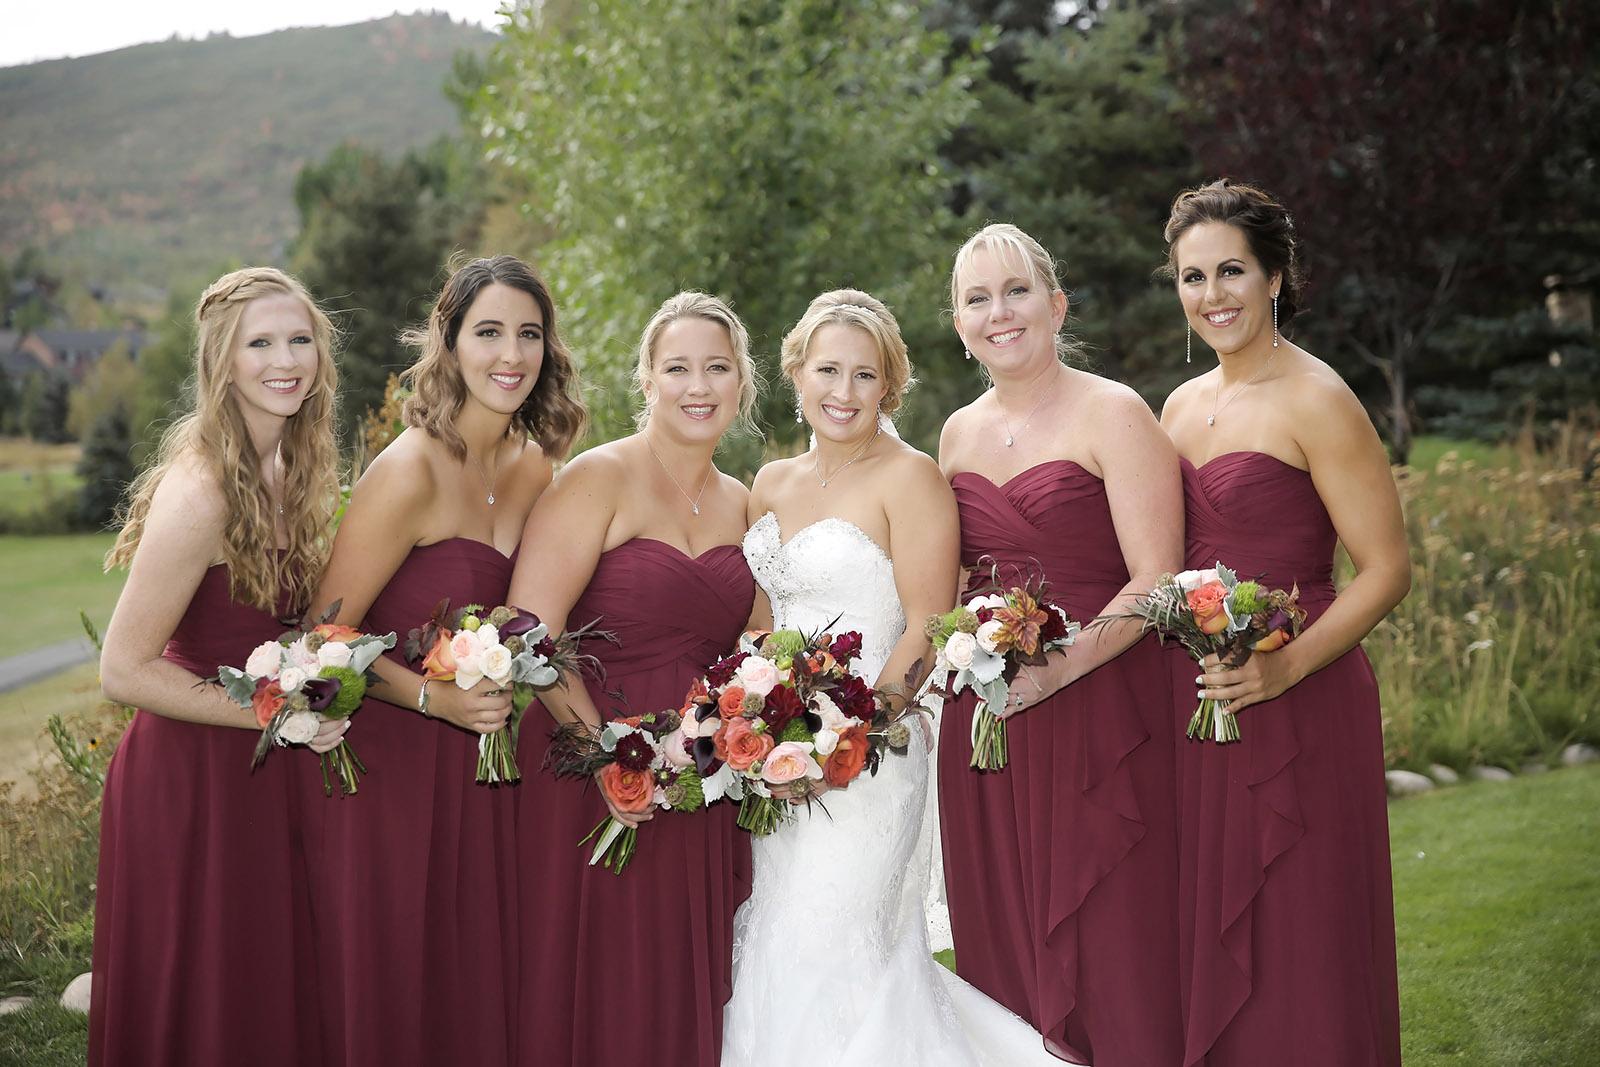 Burgundy Bridal Party Wedding Ideas